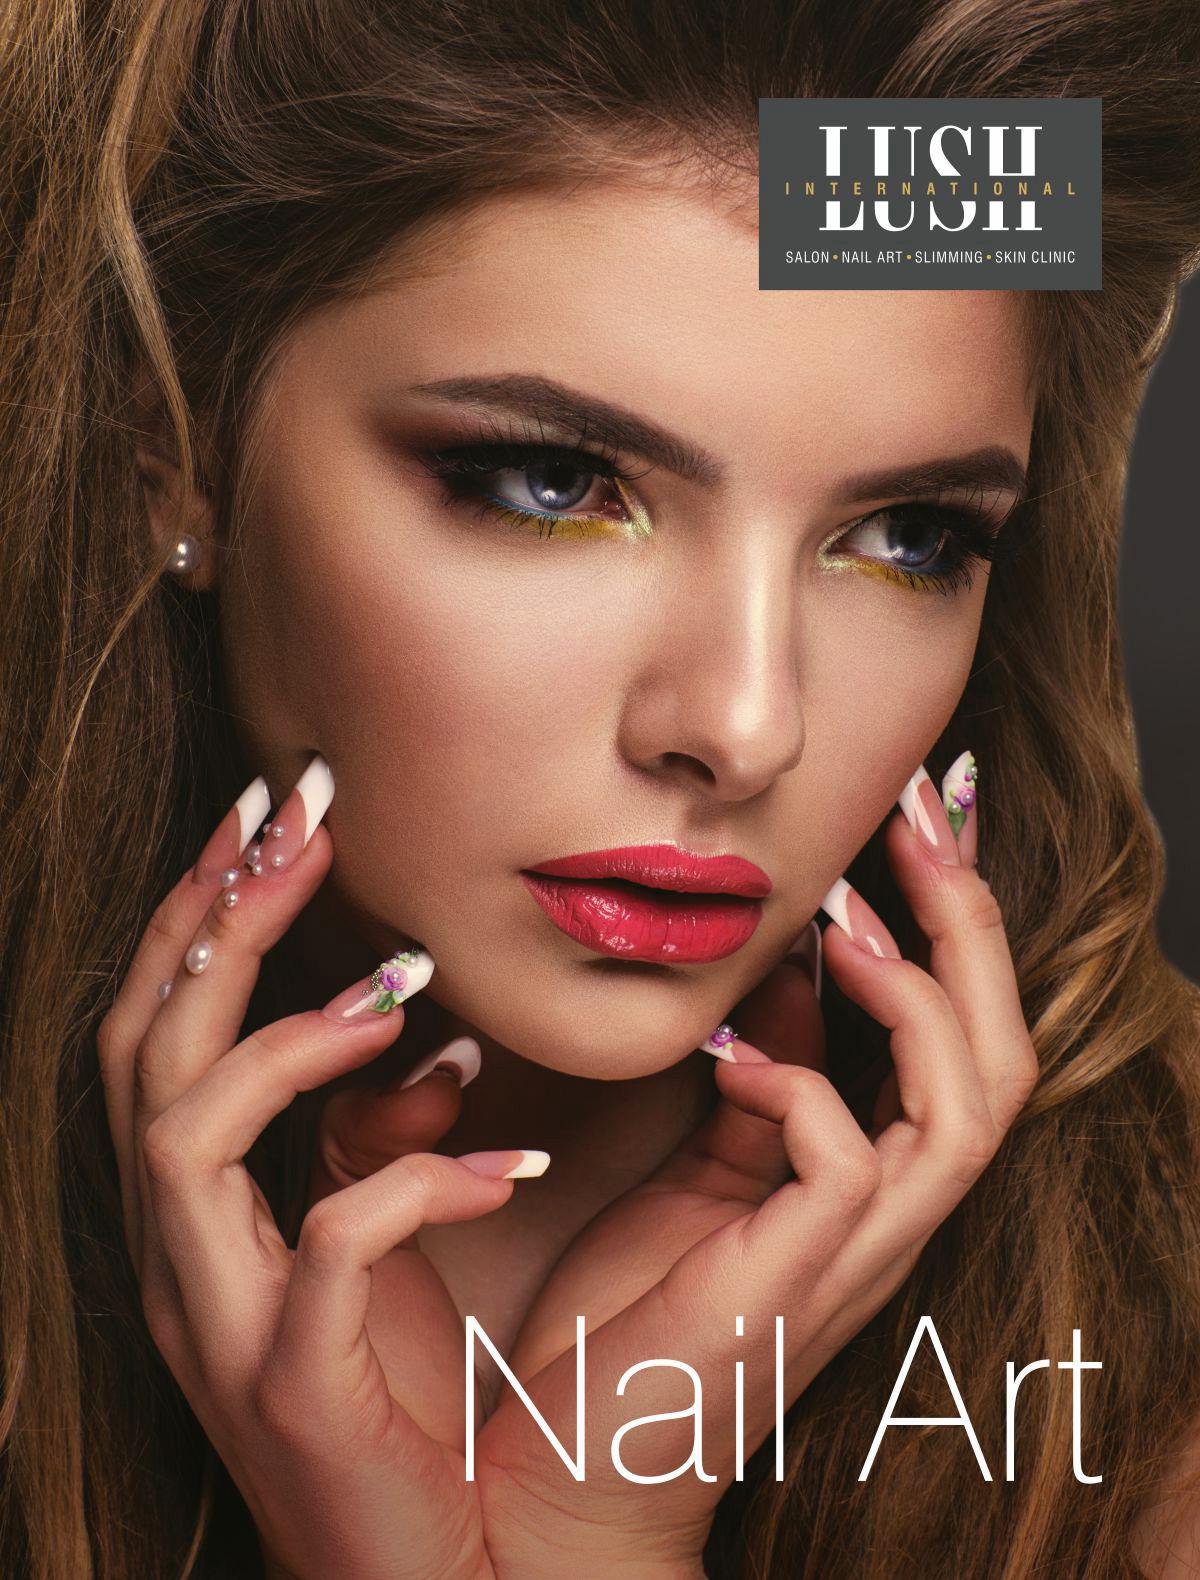 poster design for nail art, salon